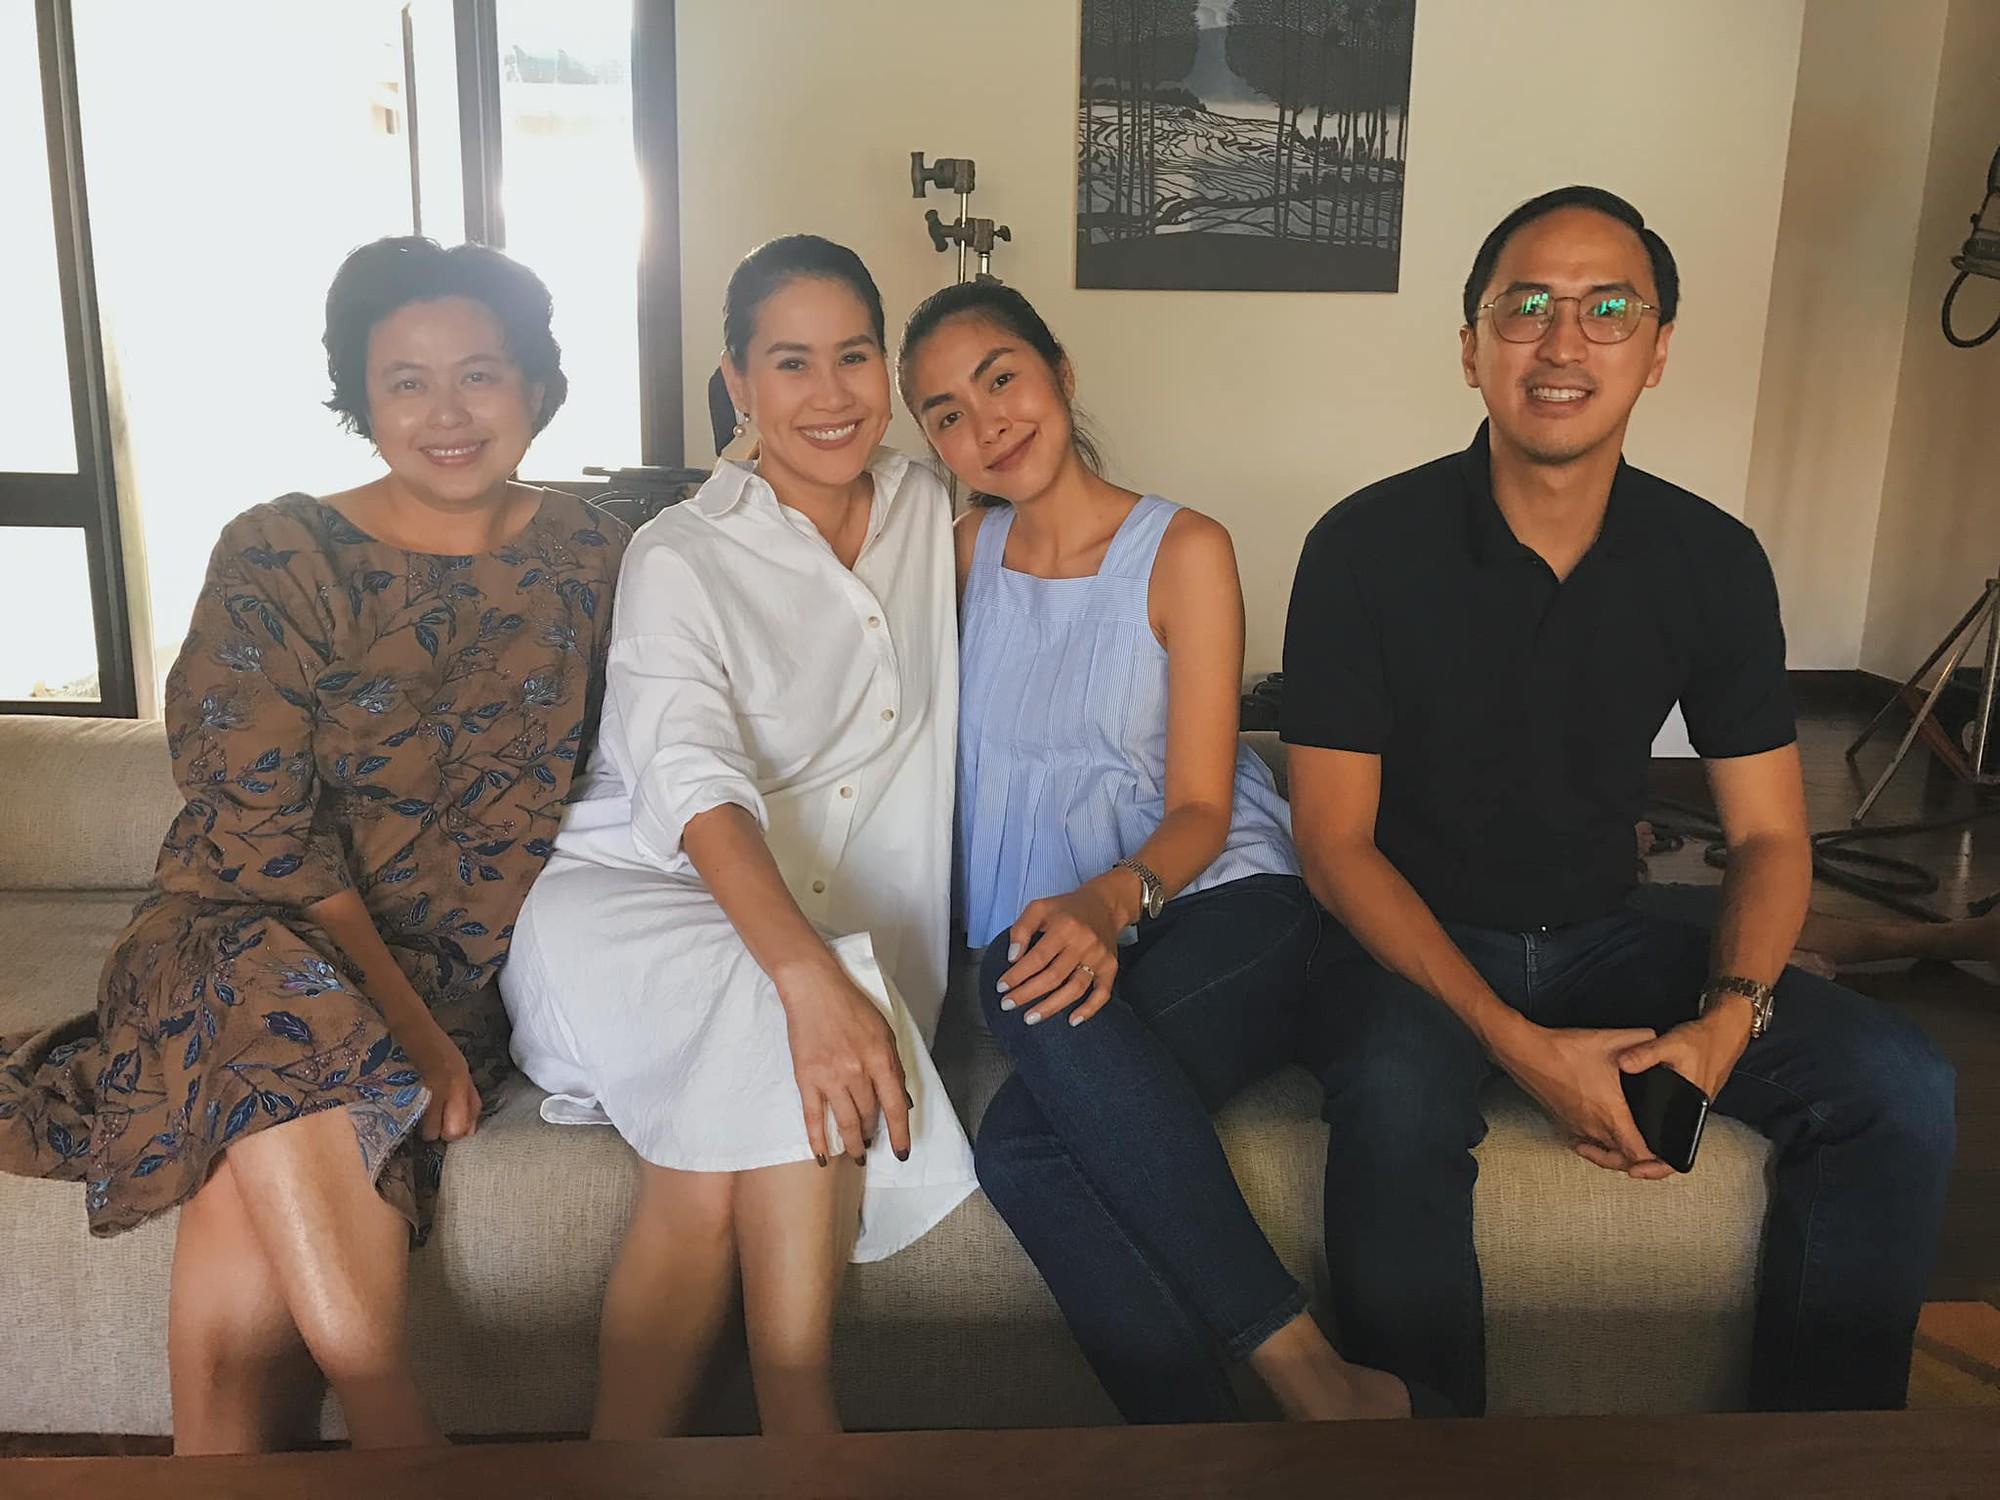 Hà Tăng rủ ông xã Louis Nguyễn lên tận đoàn phim ở Đà Lạt để thăm Thân Thúy Hà chỉ vì một lý do hết sức đơn giản - Ảnh 1.